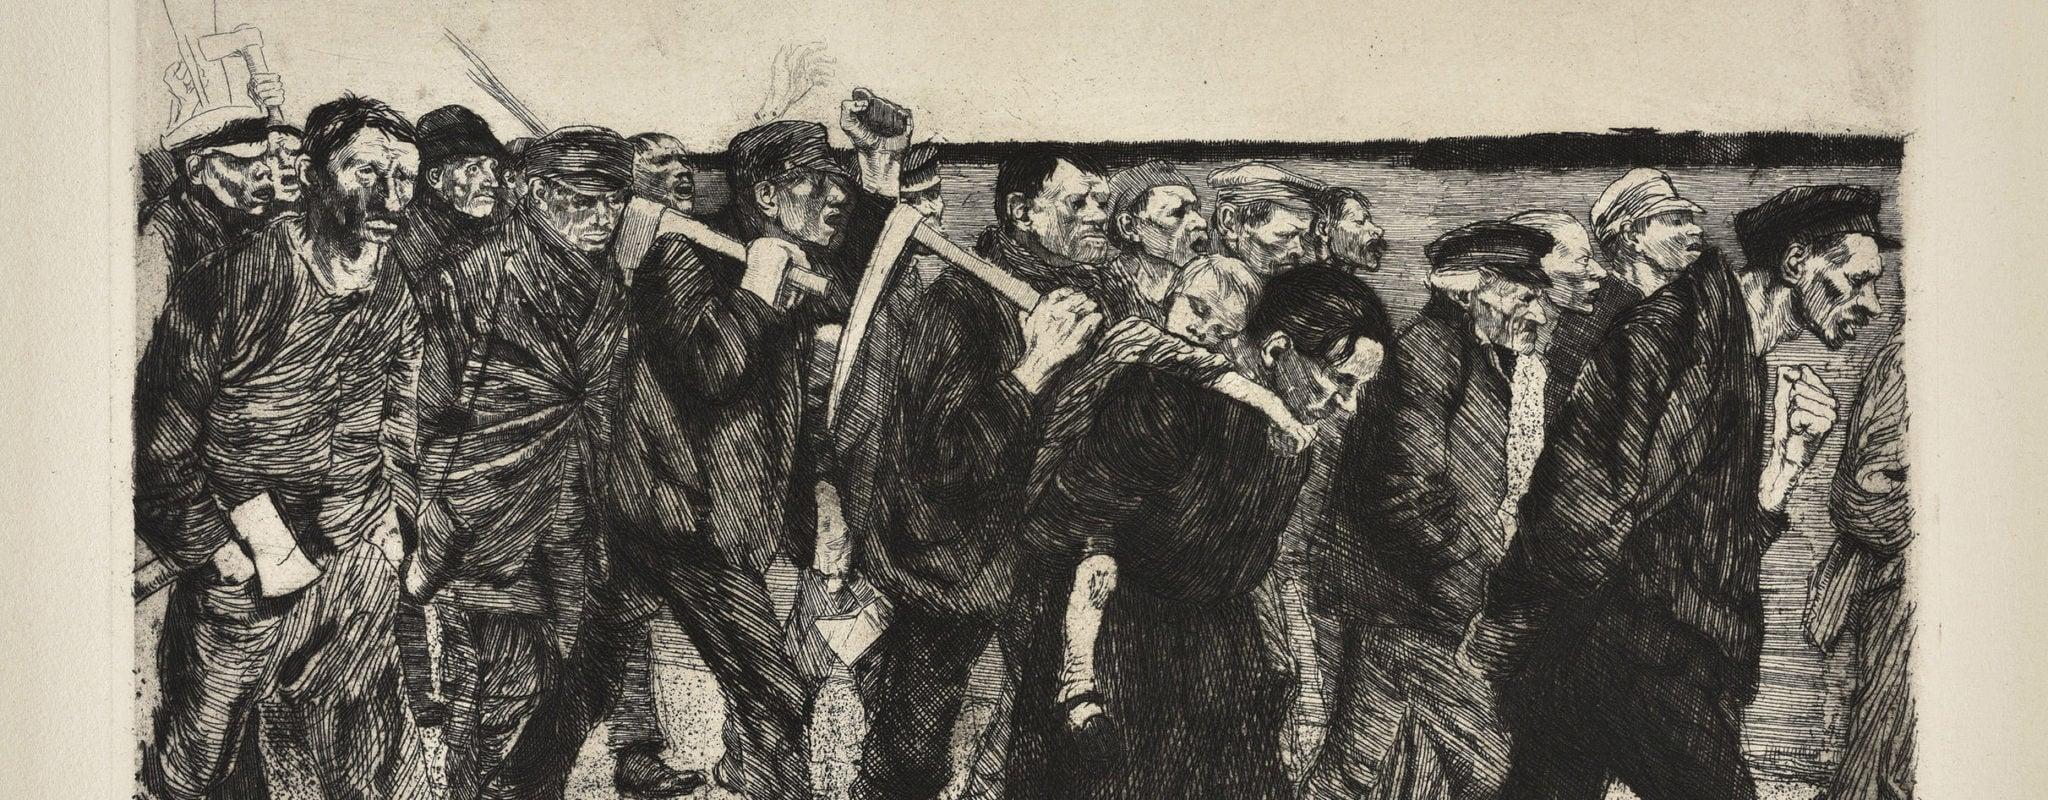 Guerre, pauvreté, répression… Käthe Kollwitz insuffle la révolte au musée d'art moderne